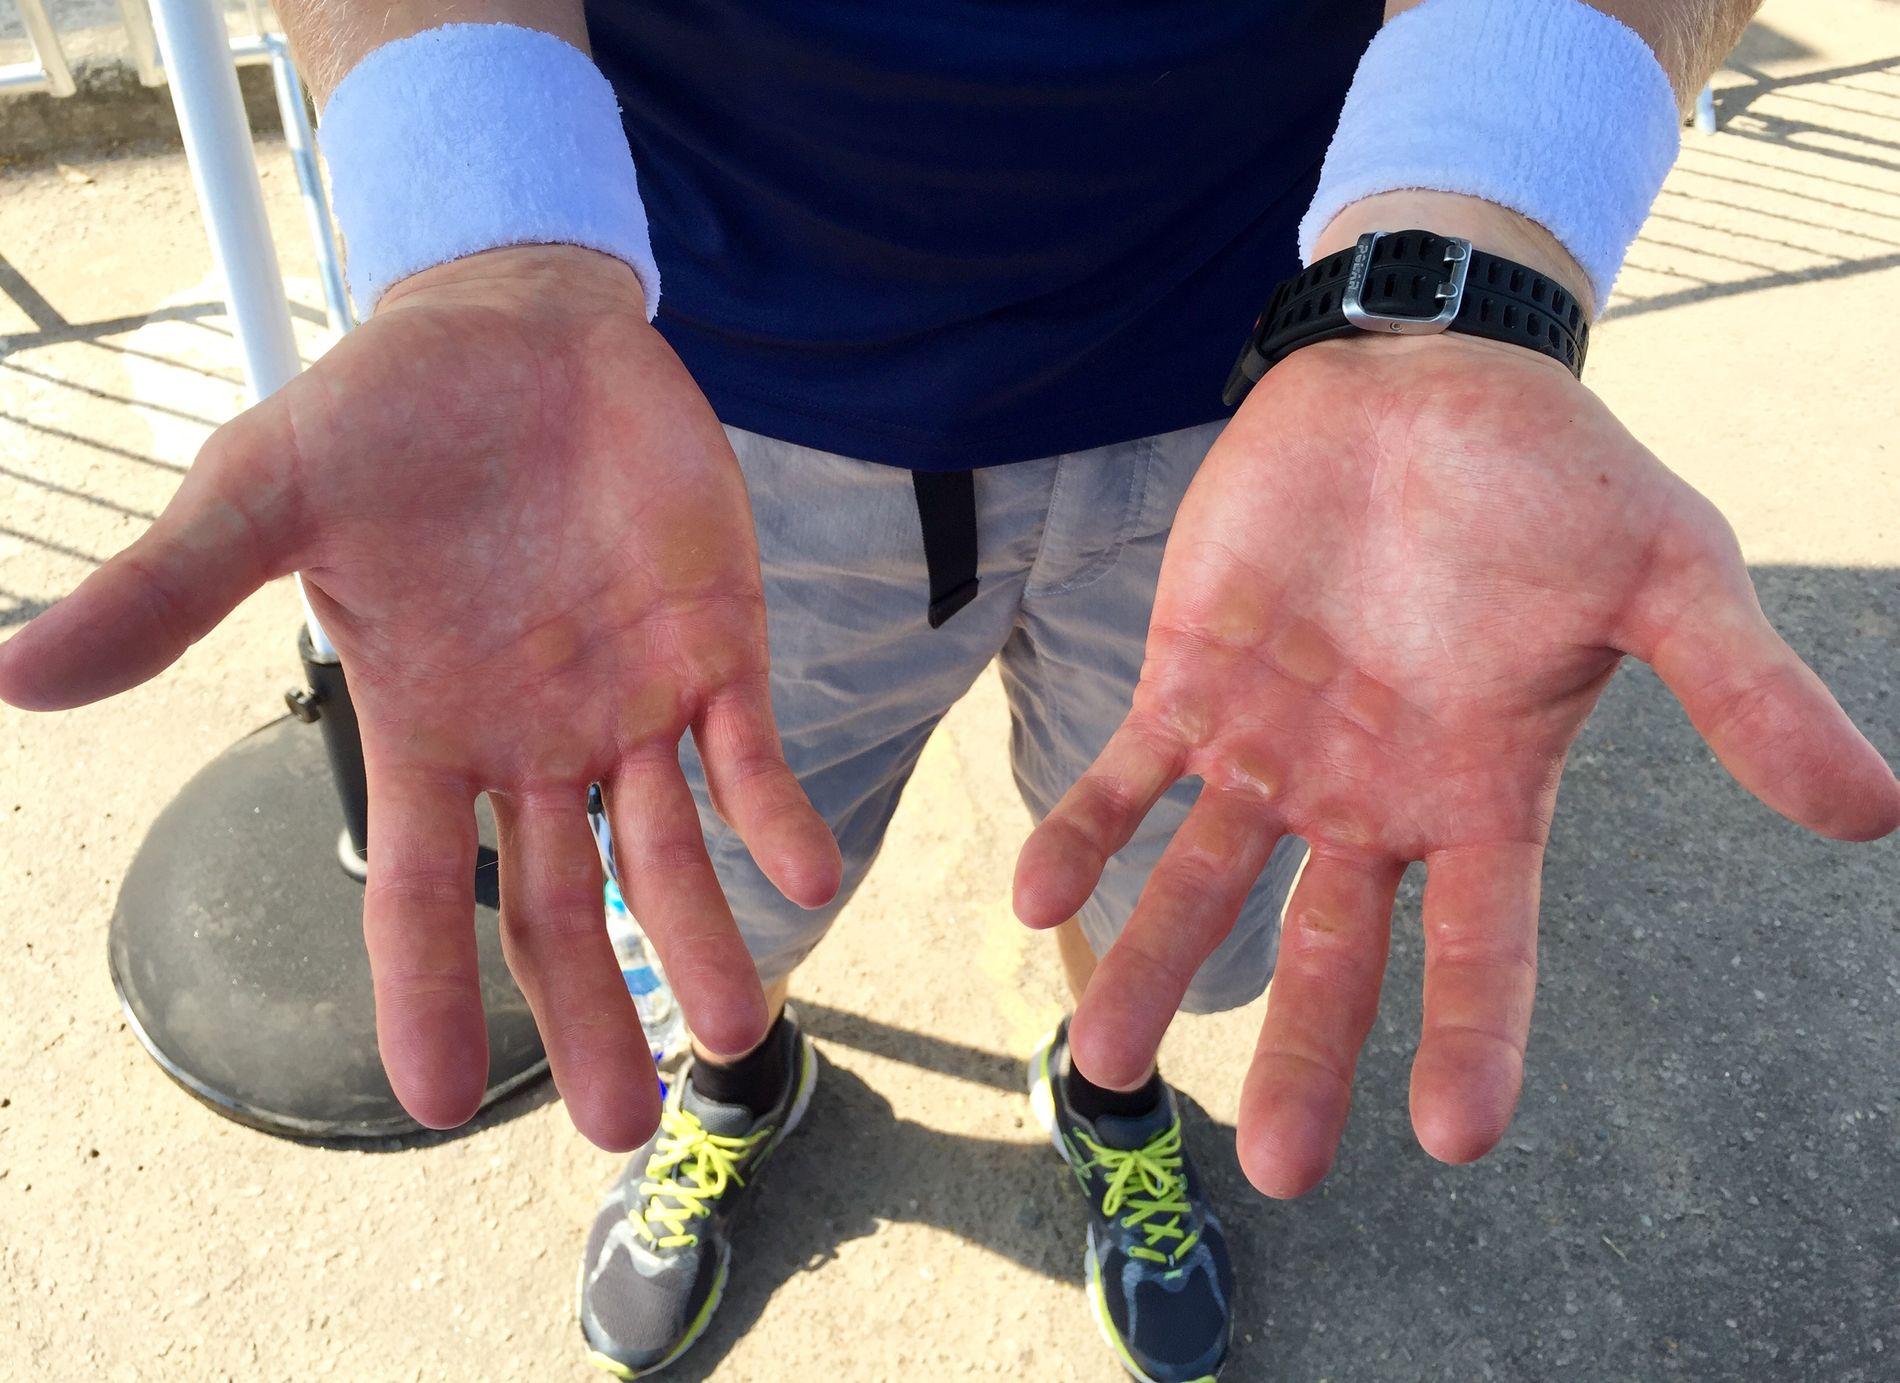 IKKE GODT TAK: Kjetil Borch hender er preget av noen tøffe måneder. Det er ingen god kombinasjon med det oljeaktige vannet på Lagoa-sjøen. Derfor ble det hansker i semifinalen.